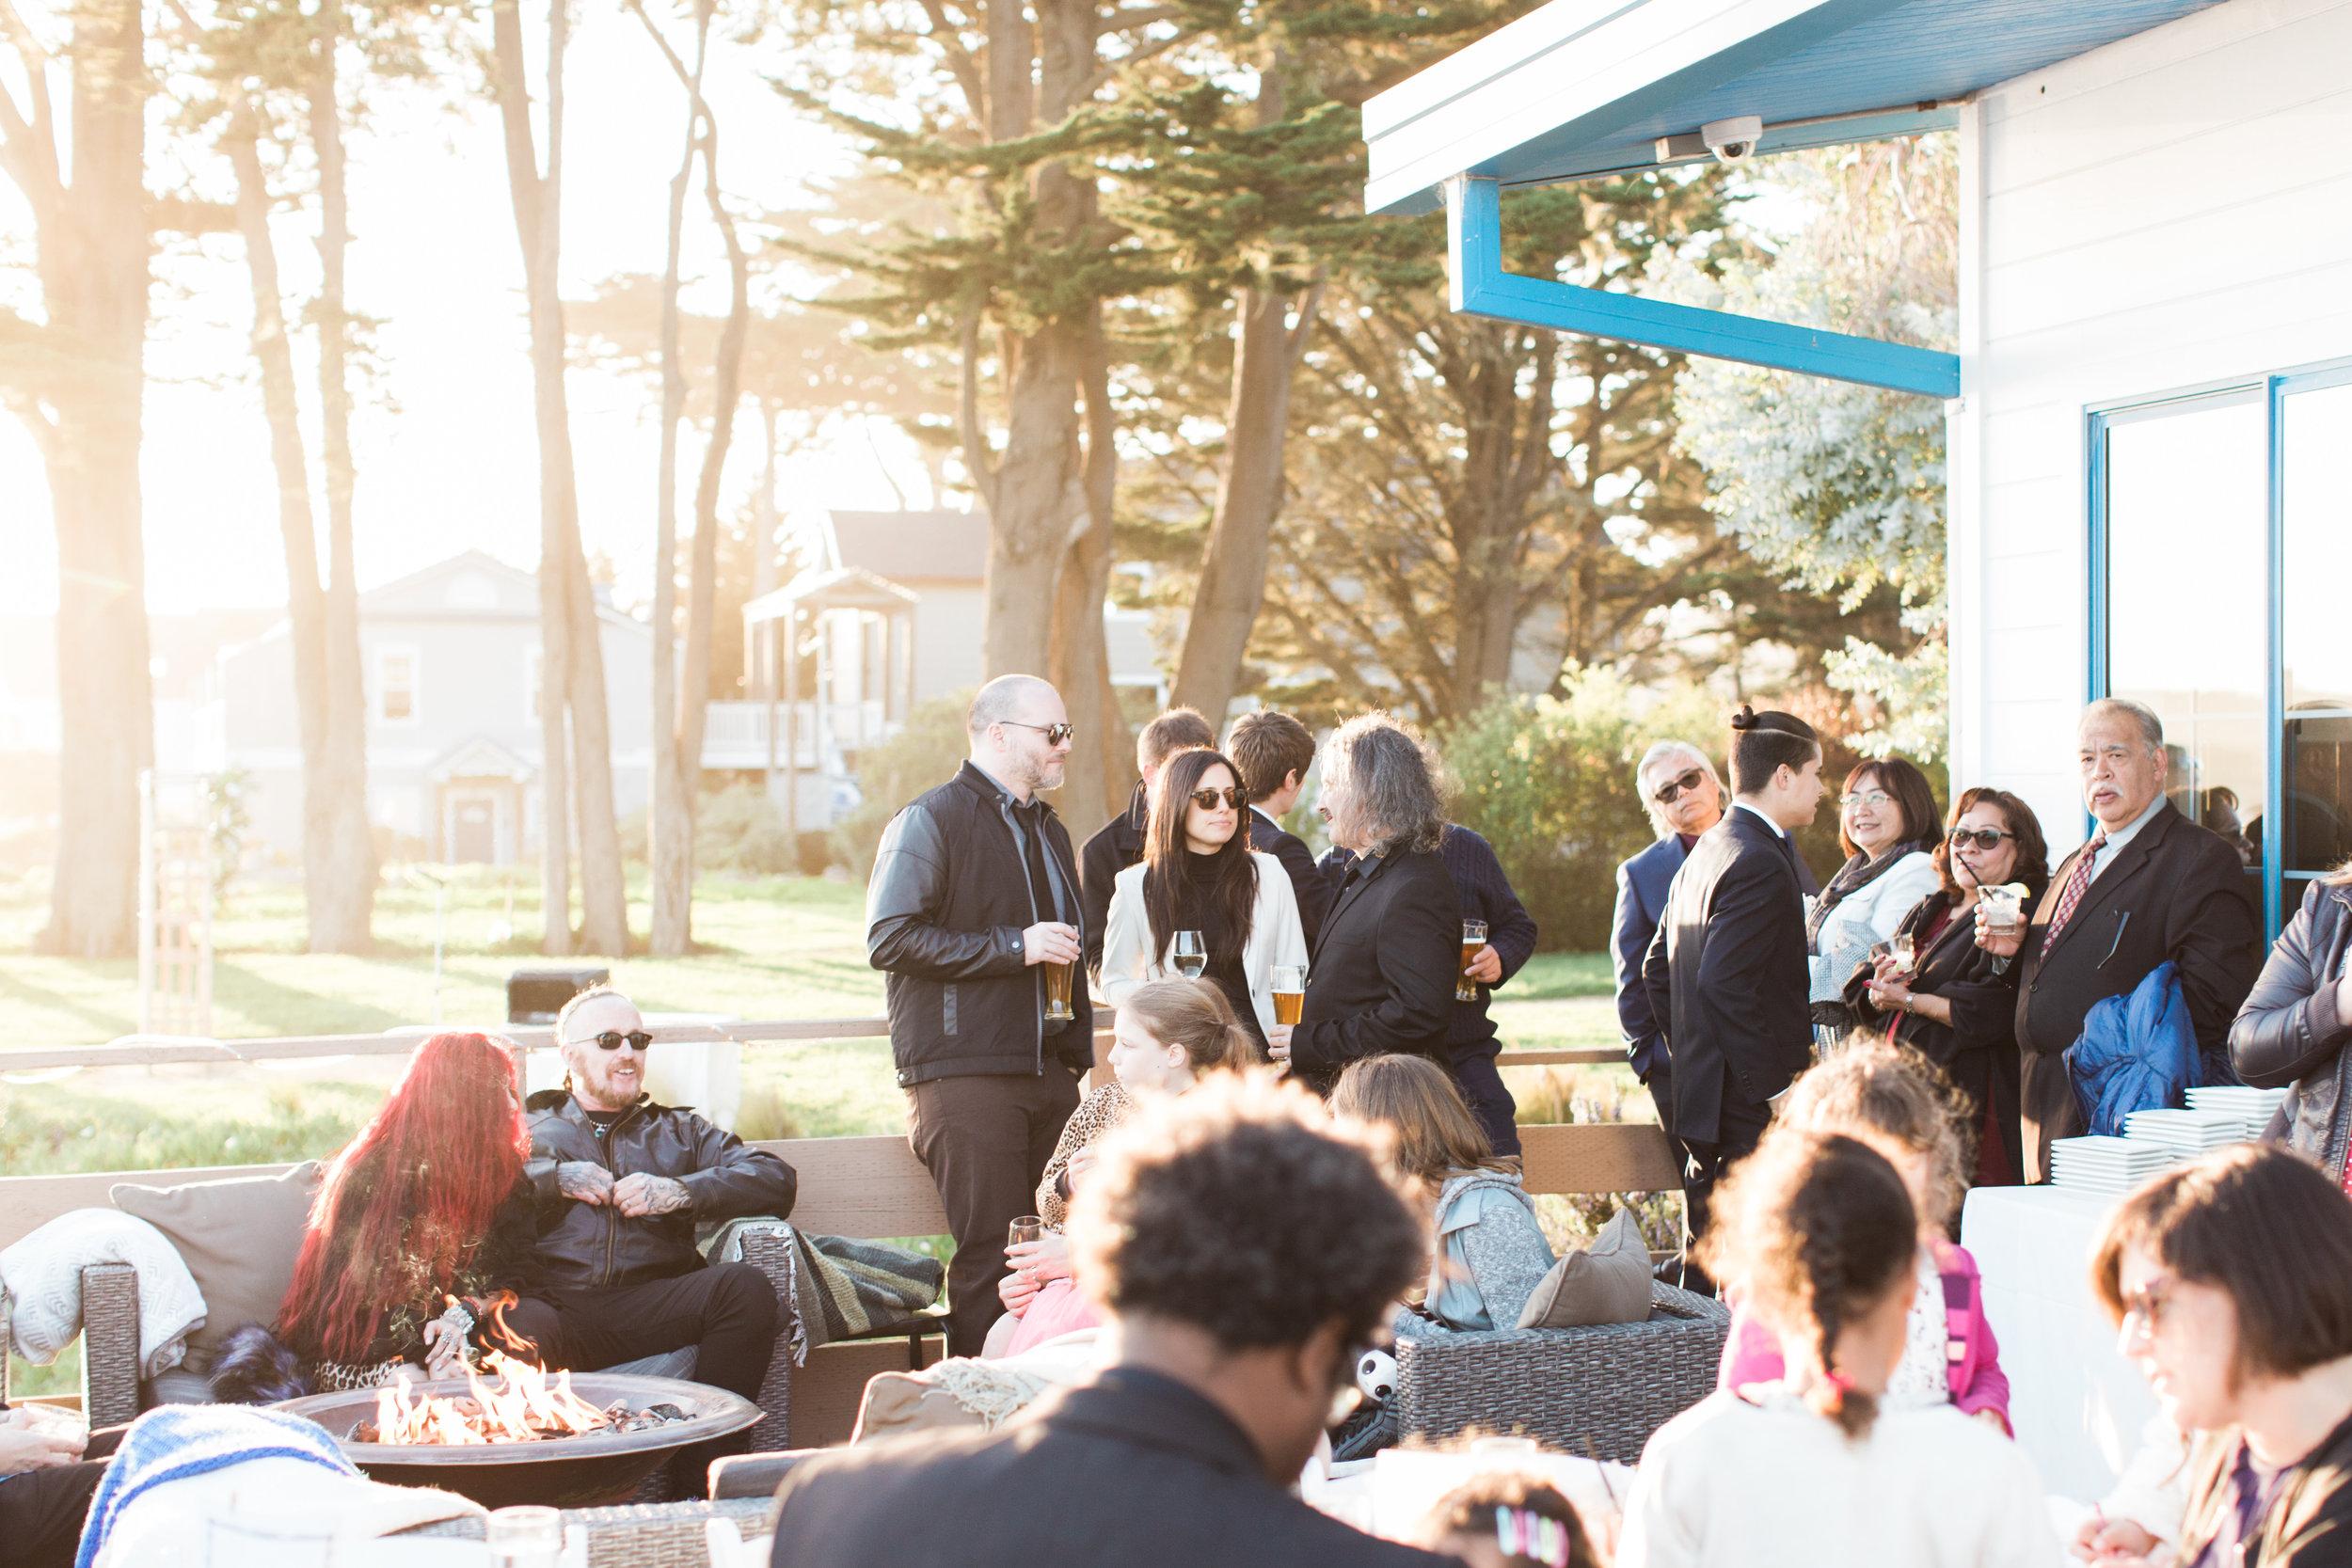 Mavericks-event-center-wedding-in-half-moon-bay-california275.jpg